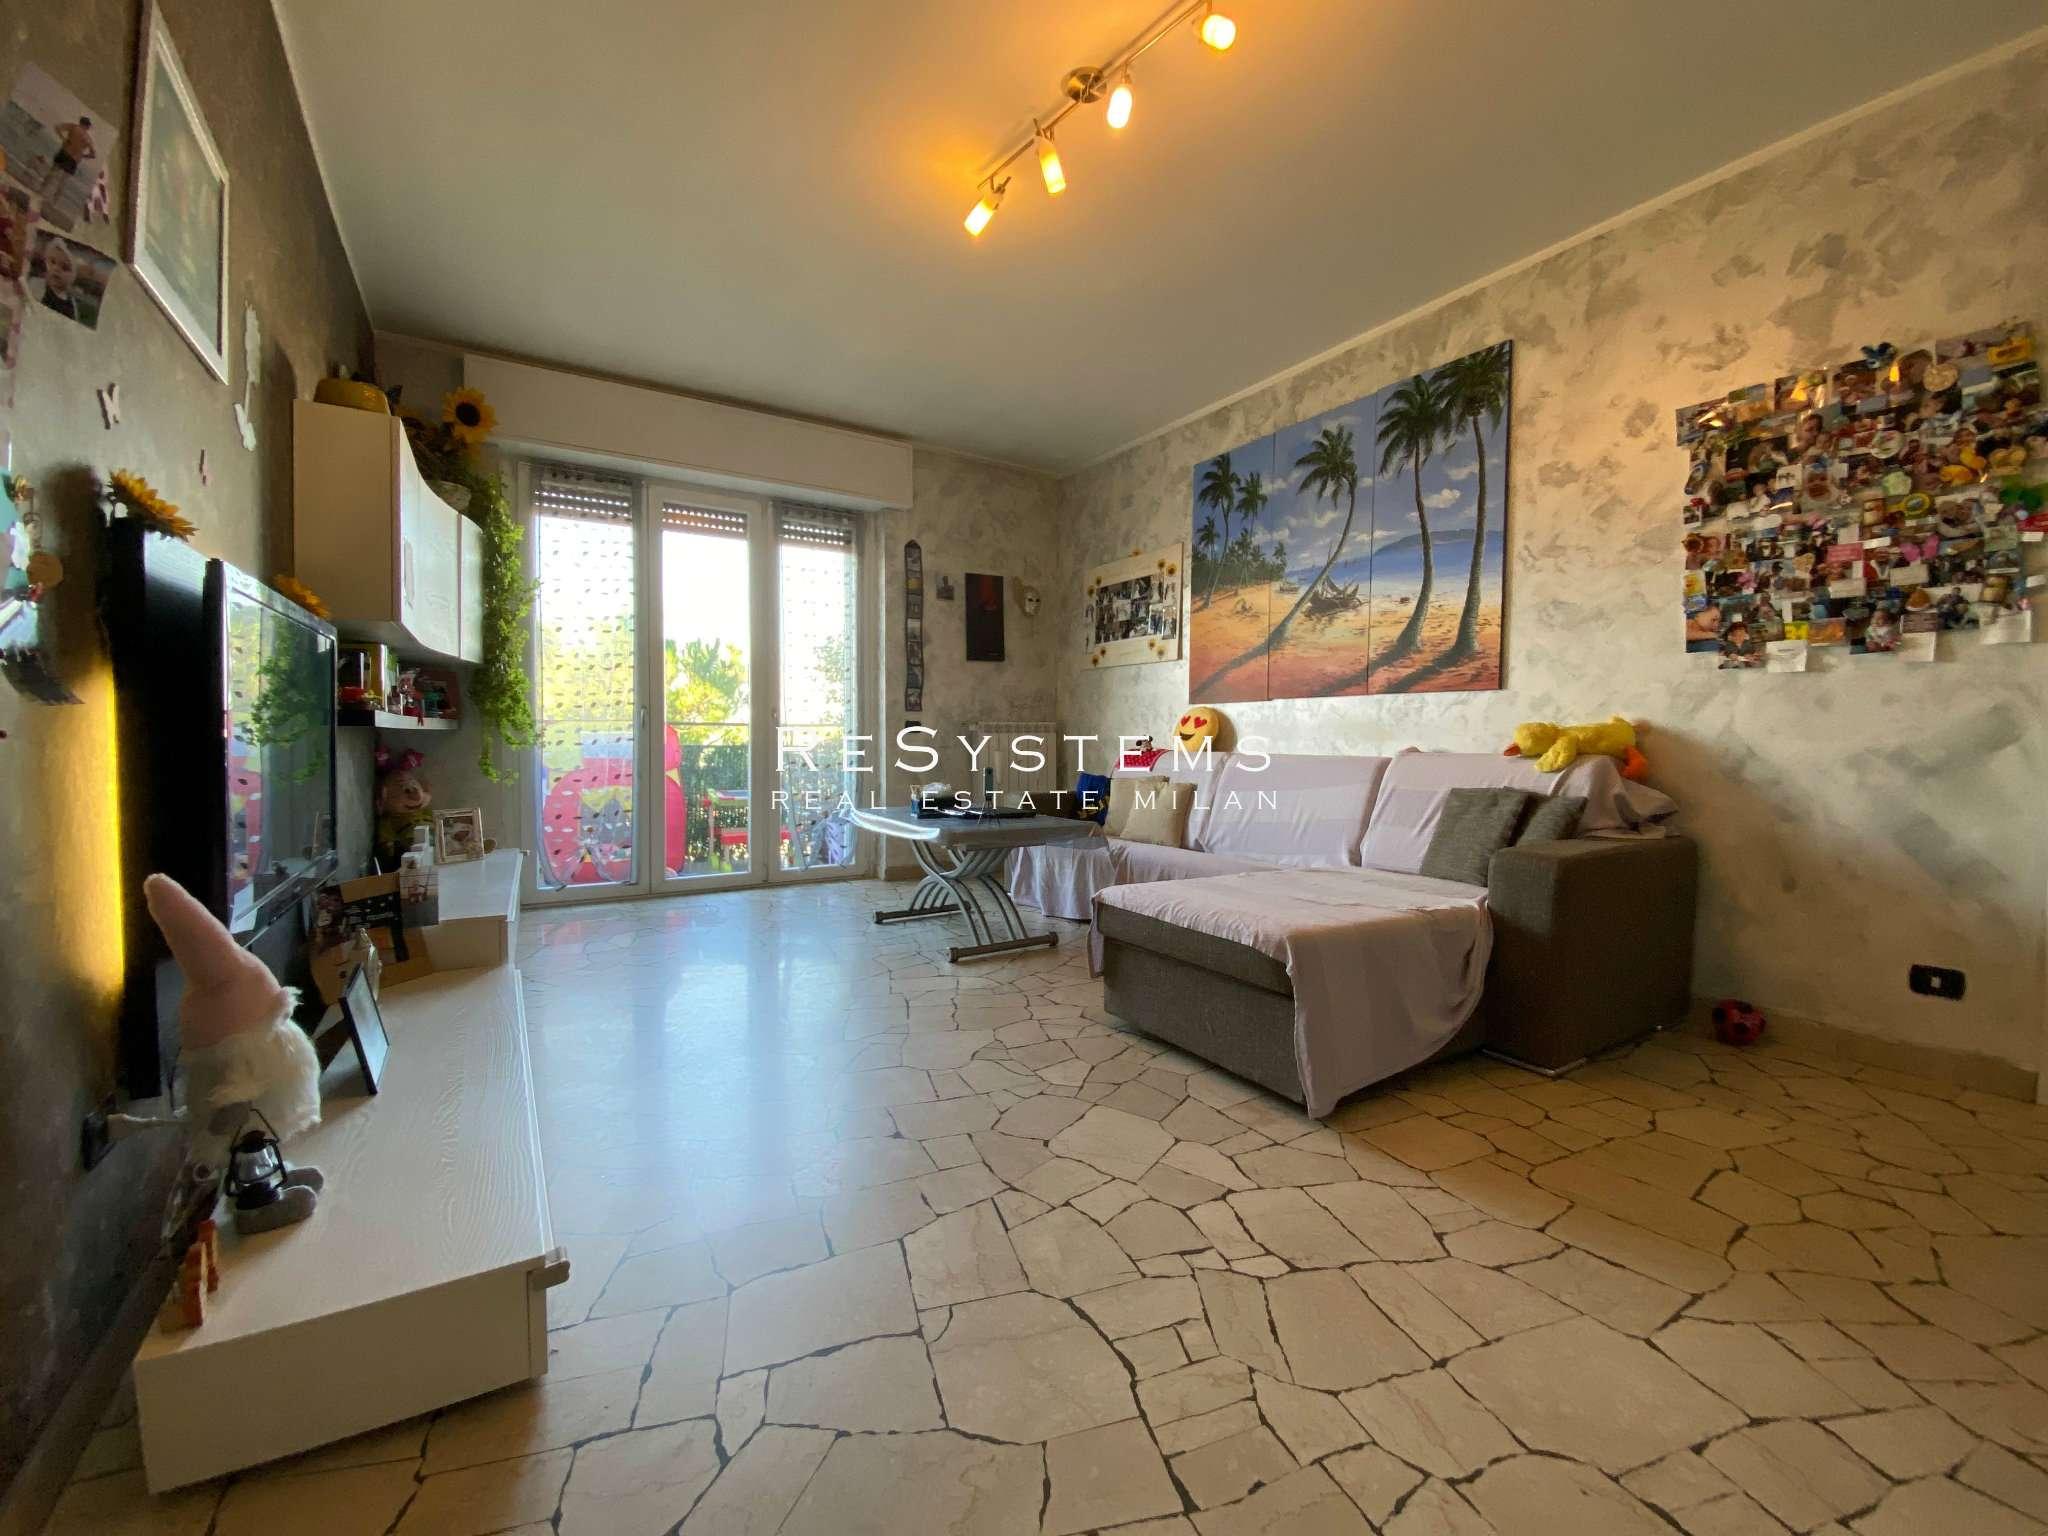 Appartamento in vendita a Garbagnate Milanese, 2 locali, prezzo € 138.000 | CambioCasa.it